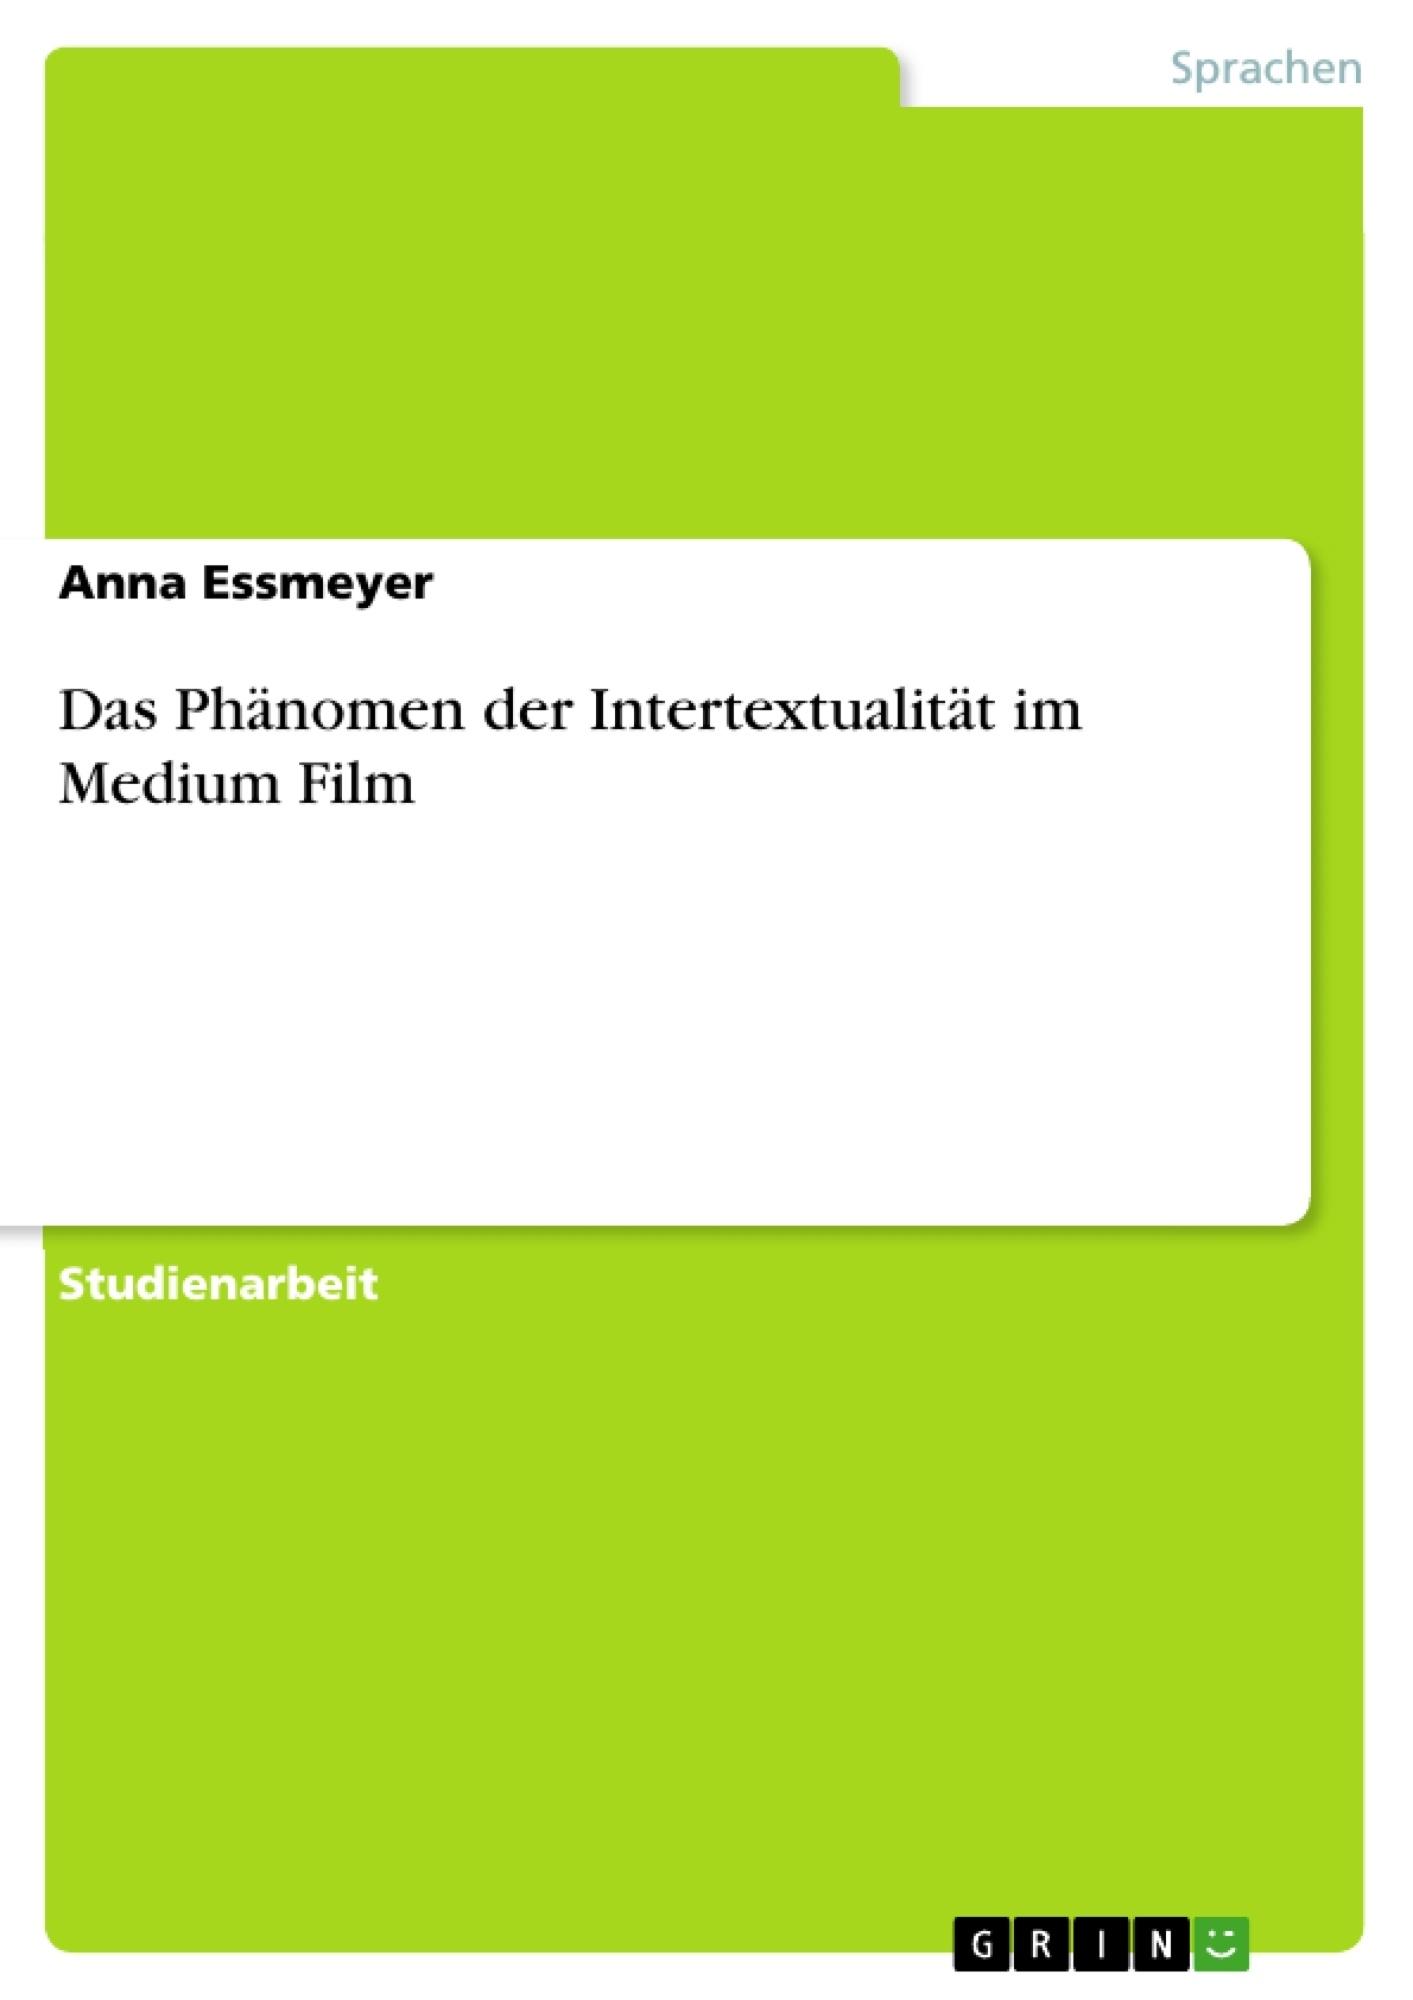 Titel: Das Phänomen der Intertextualität im Medium Film